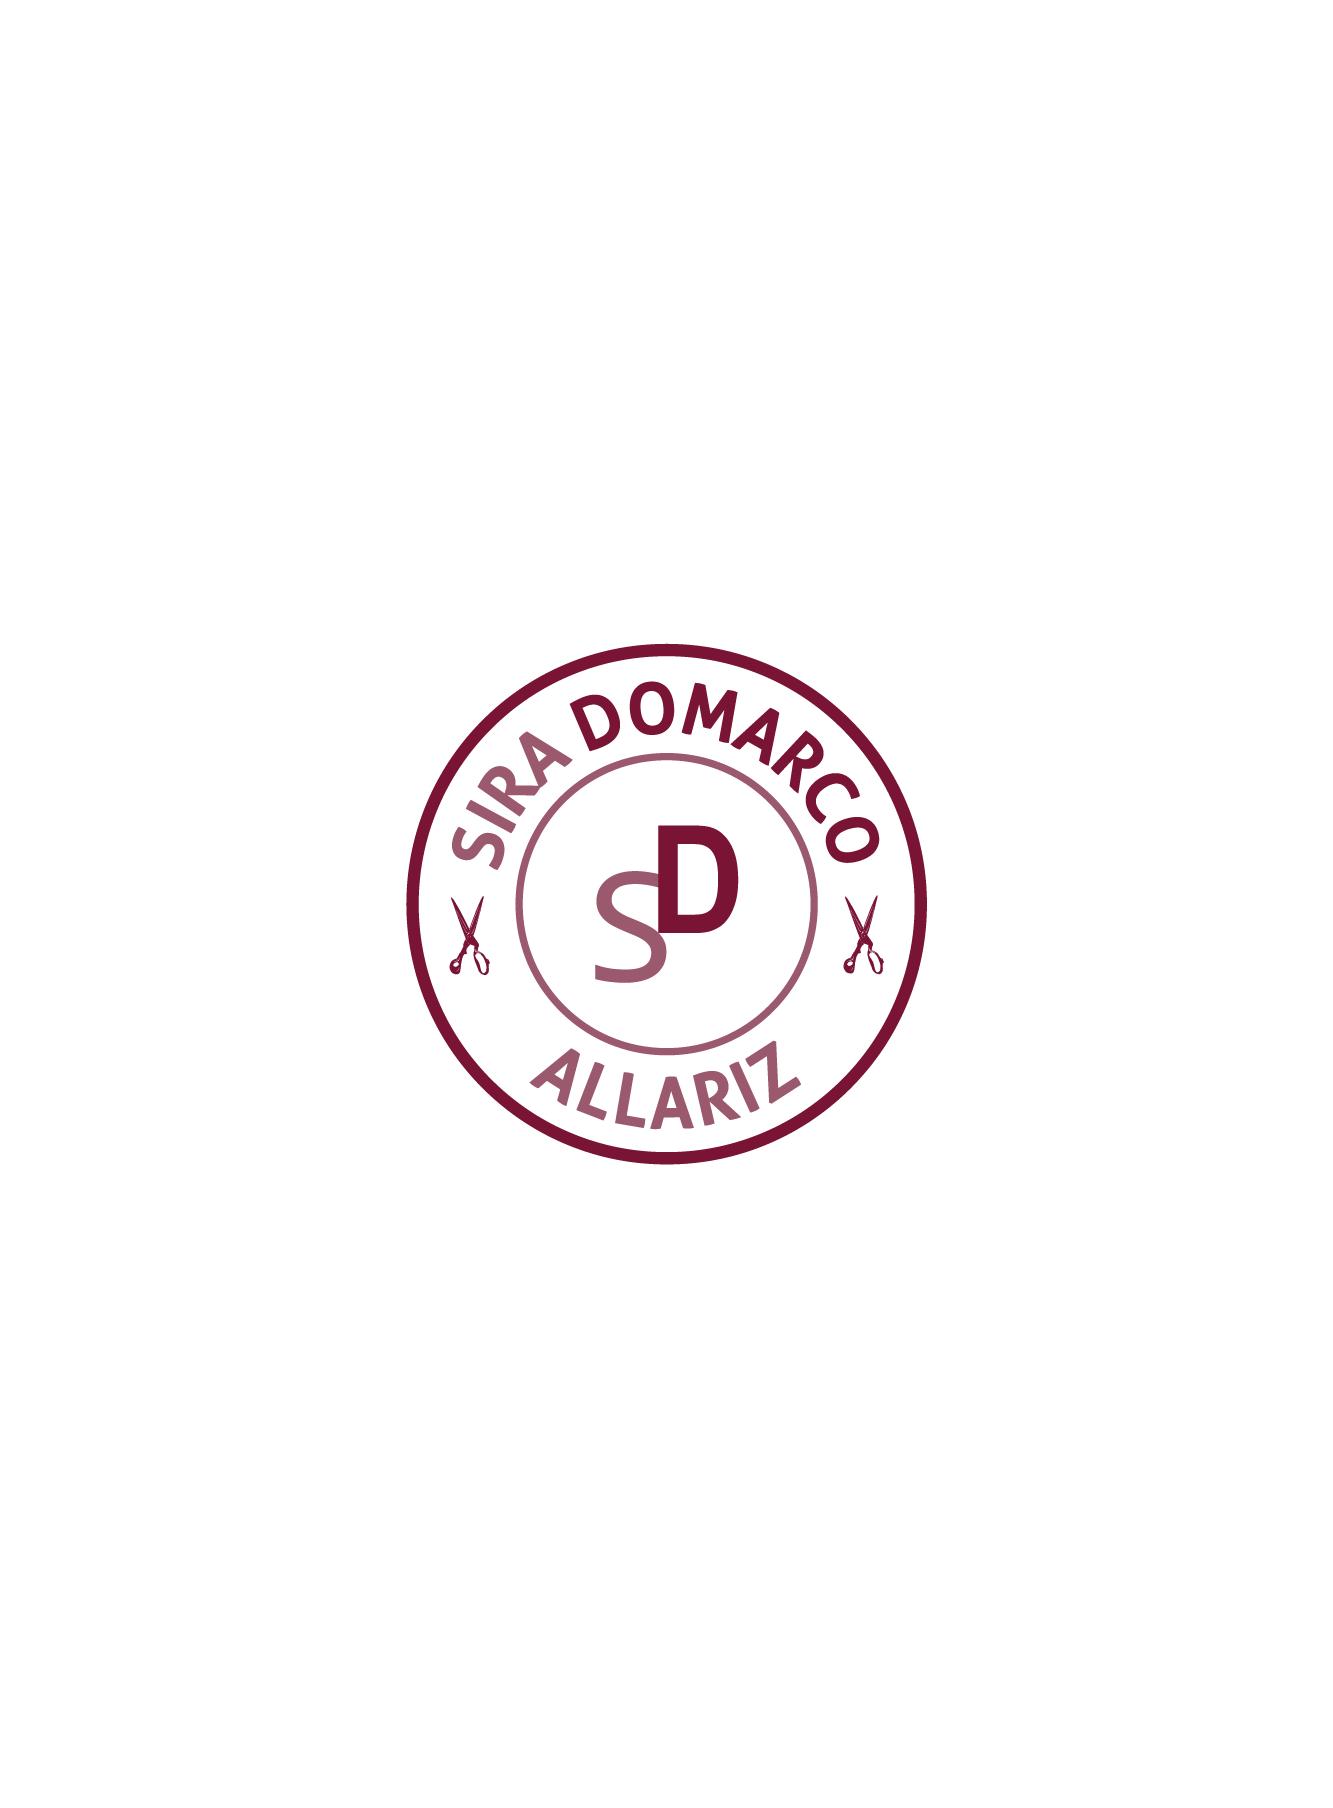 siradomarco_perfil